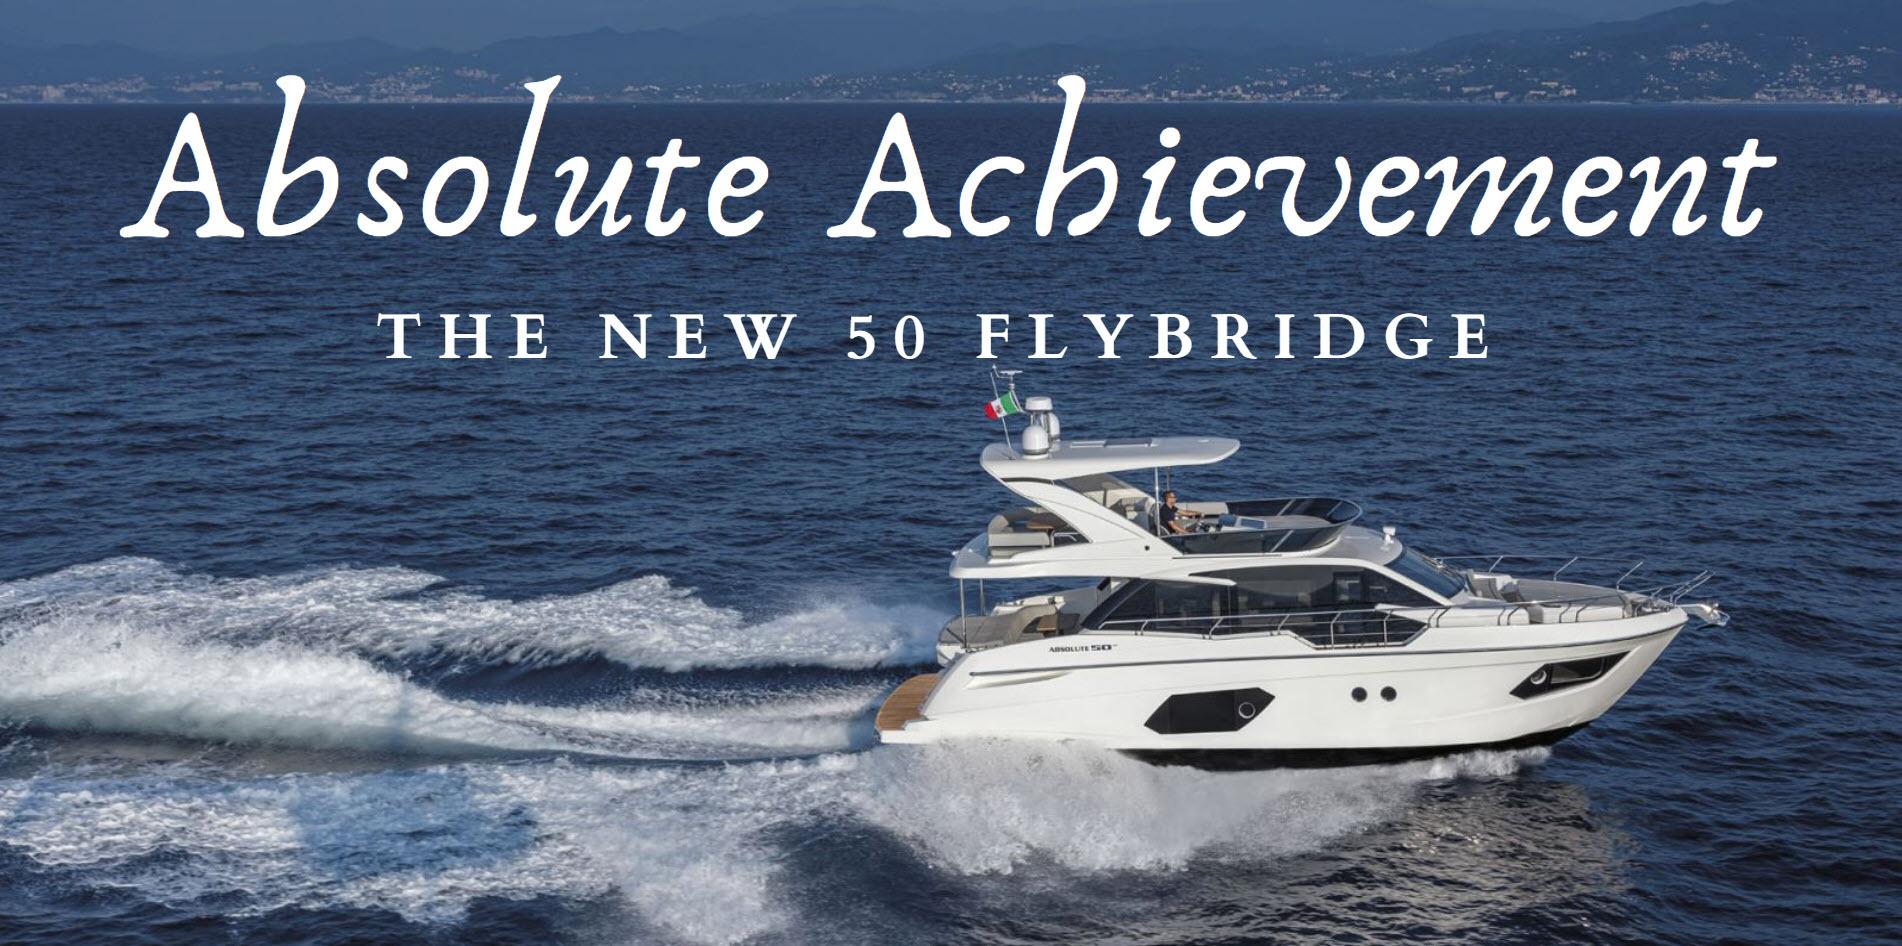 absolute 50 flybridge yacht